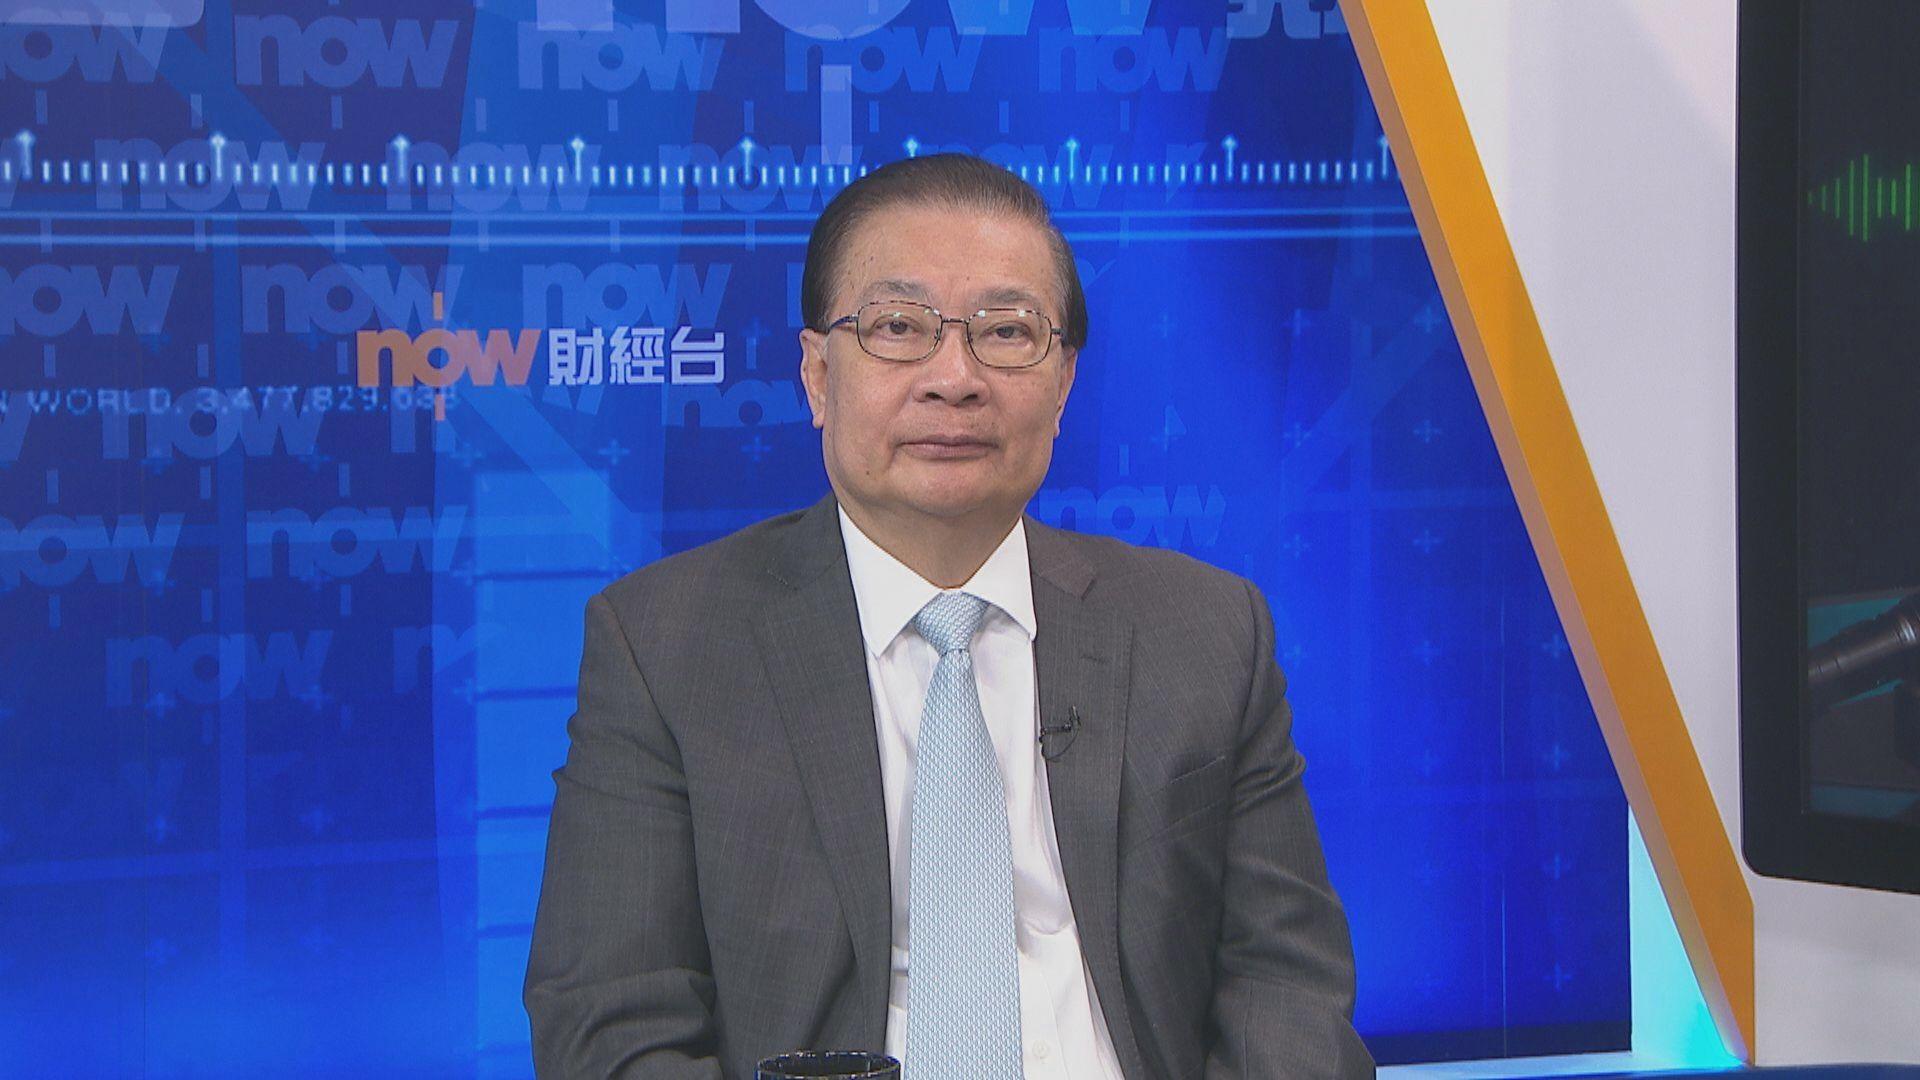 譚耀宗:否決預算案圖癱瘓政府沒武力行為亦算非法手段